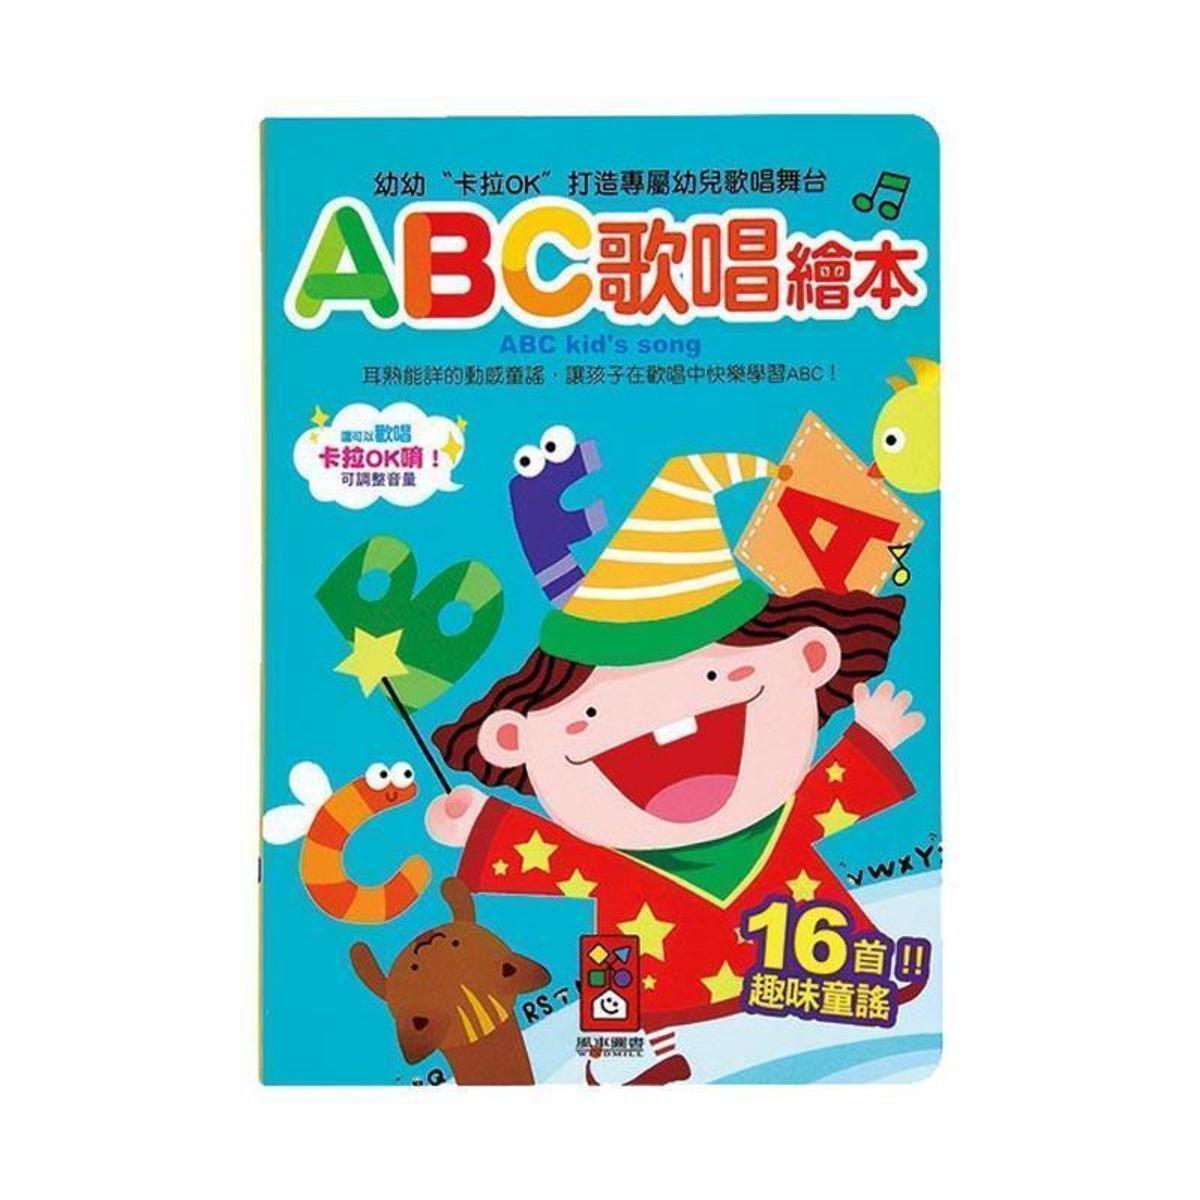 ABC歌唱繪本 風車編輯群著 台灣進口